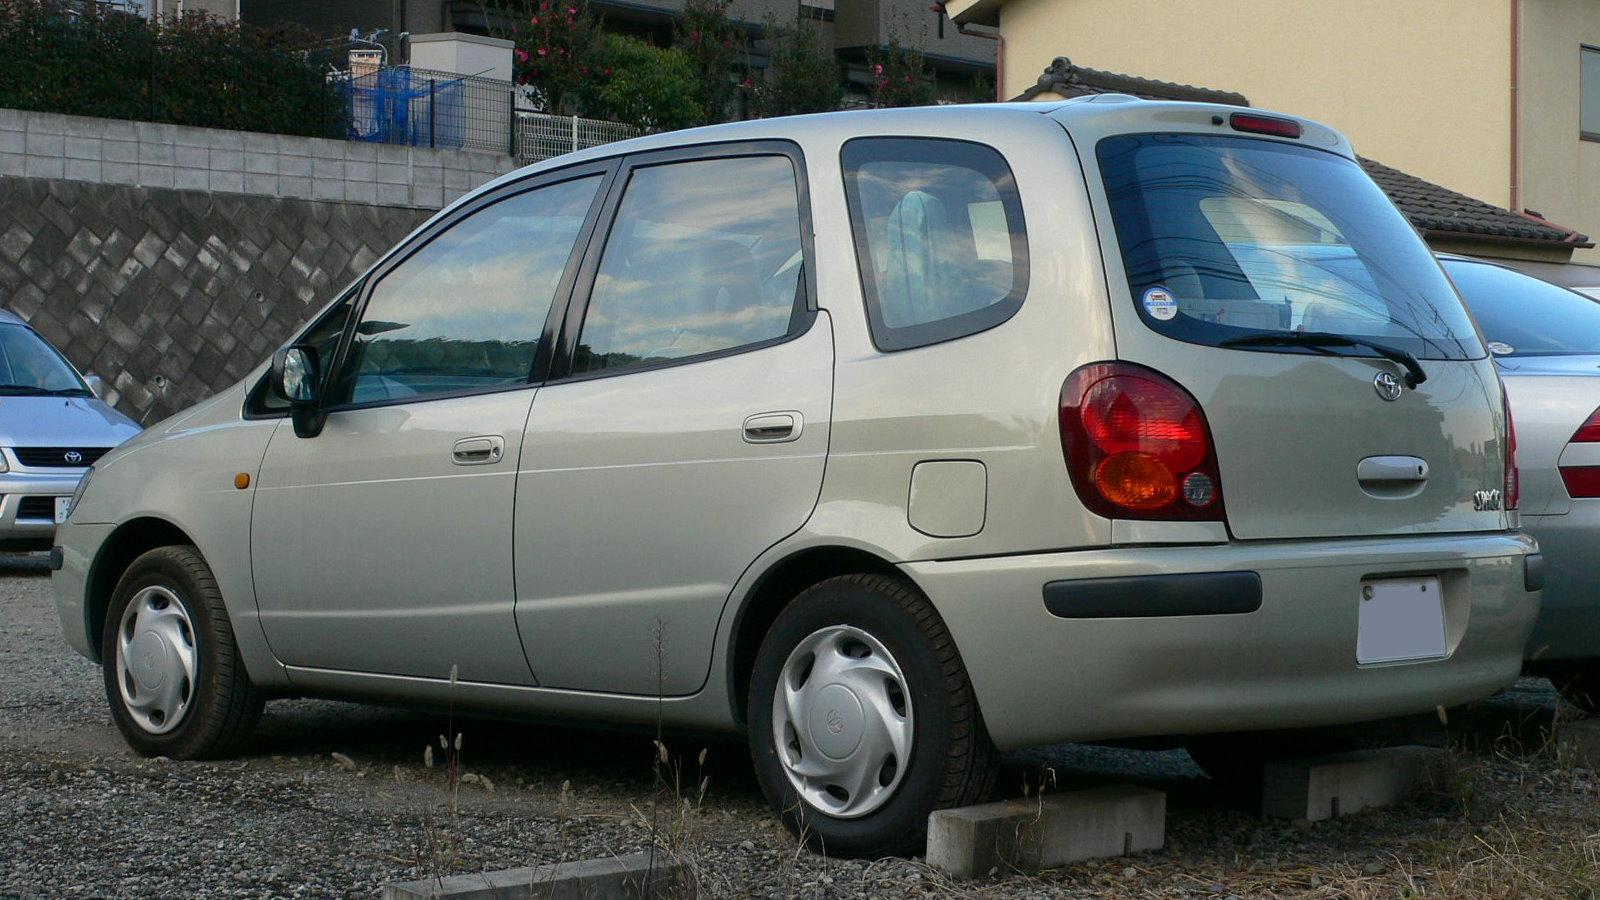 File:1997 Toyota Corolla-Spacio 01.jpg